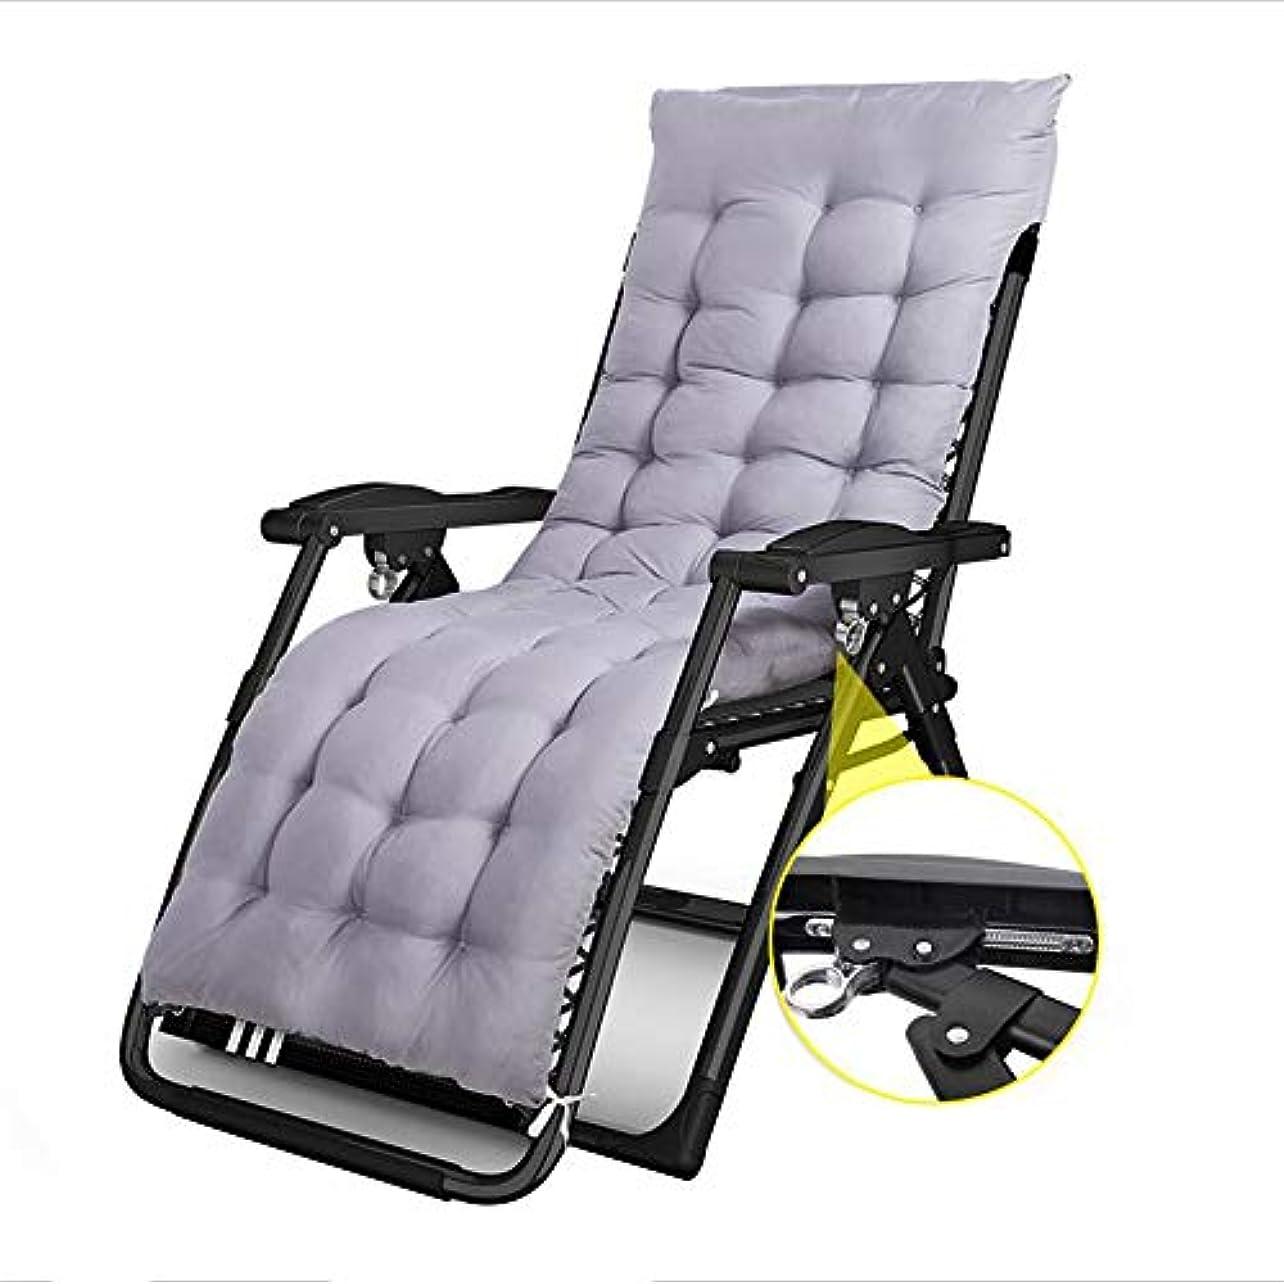 ブラジャー自動イタリアのTiao ZHAN ランチブレーキ 折りたたみ椅子/スリーピングチェア/ロッキングチェア/レジャー/大人用レジャーチェア/高齢者用椅子 AA